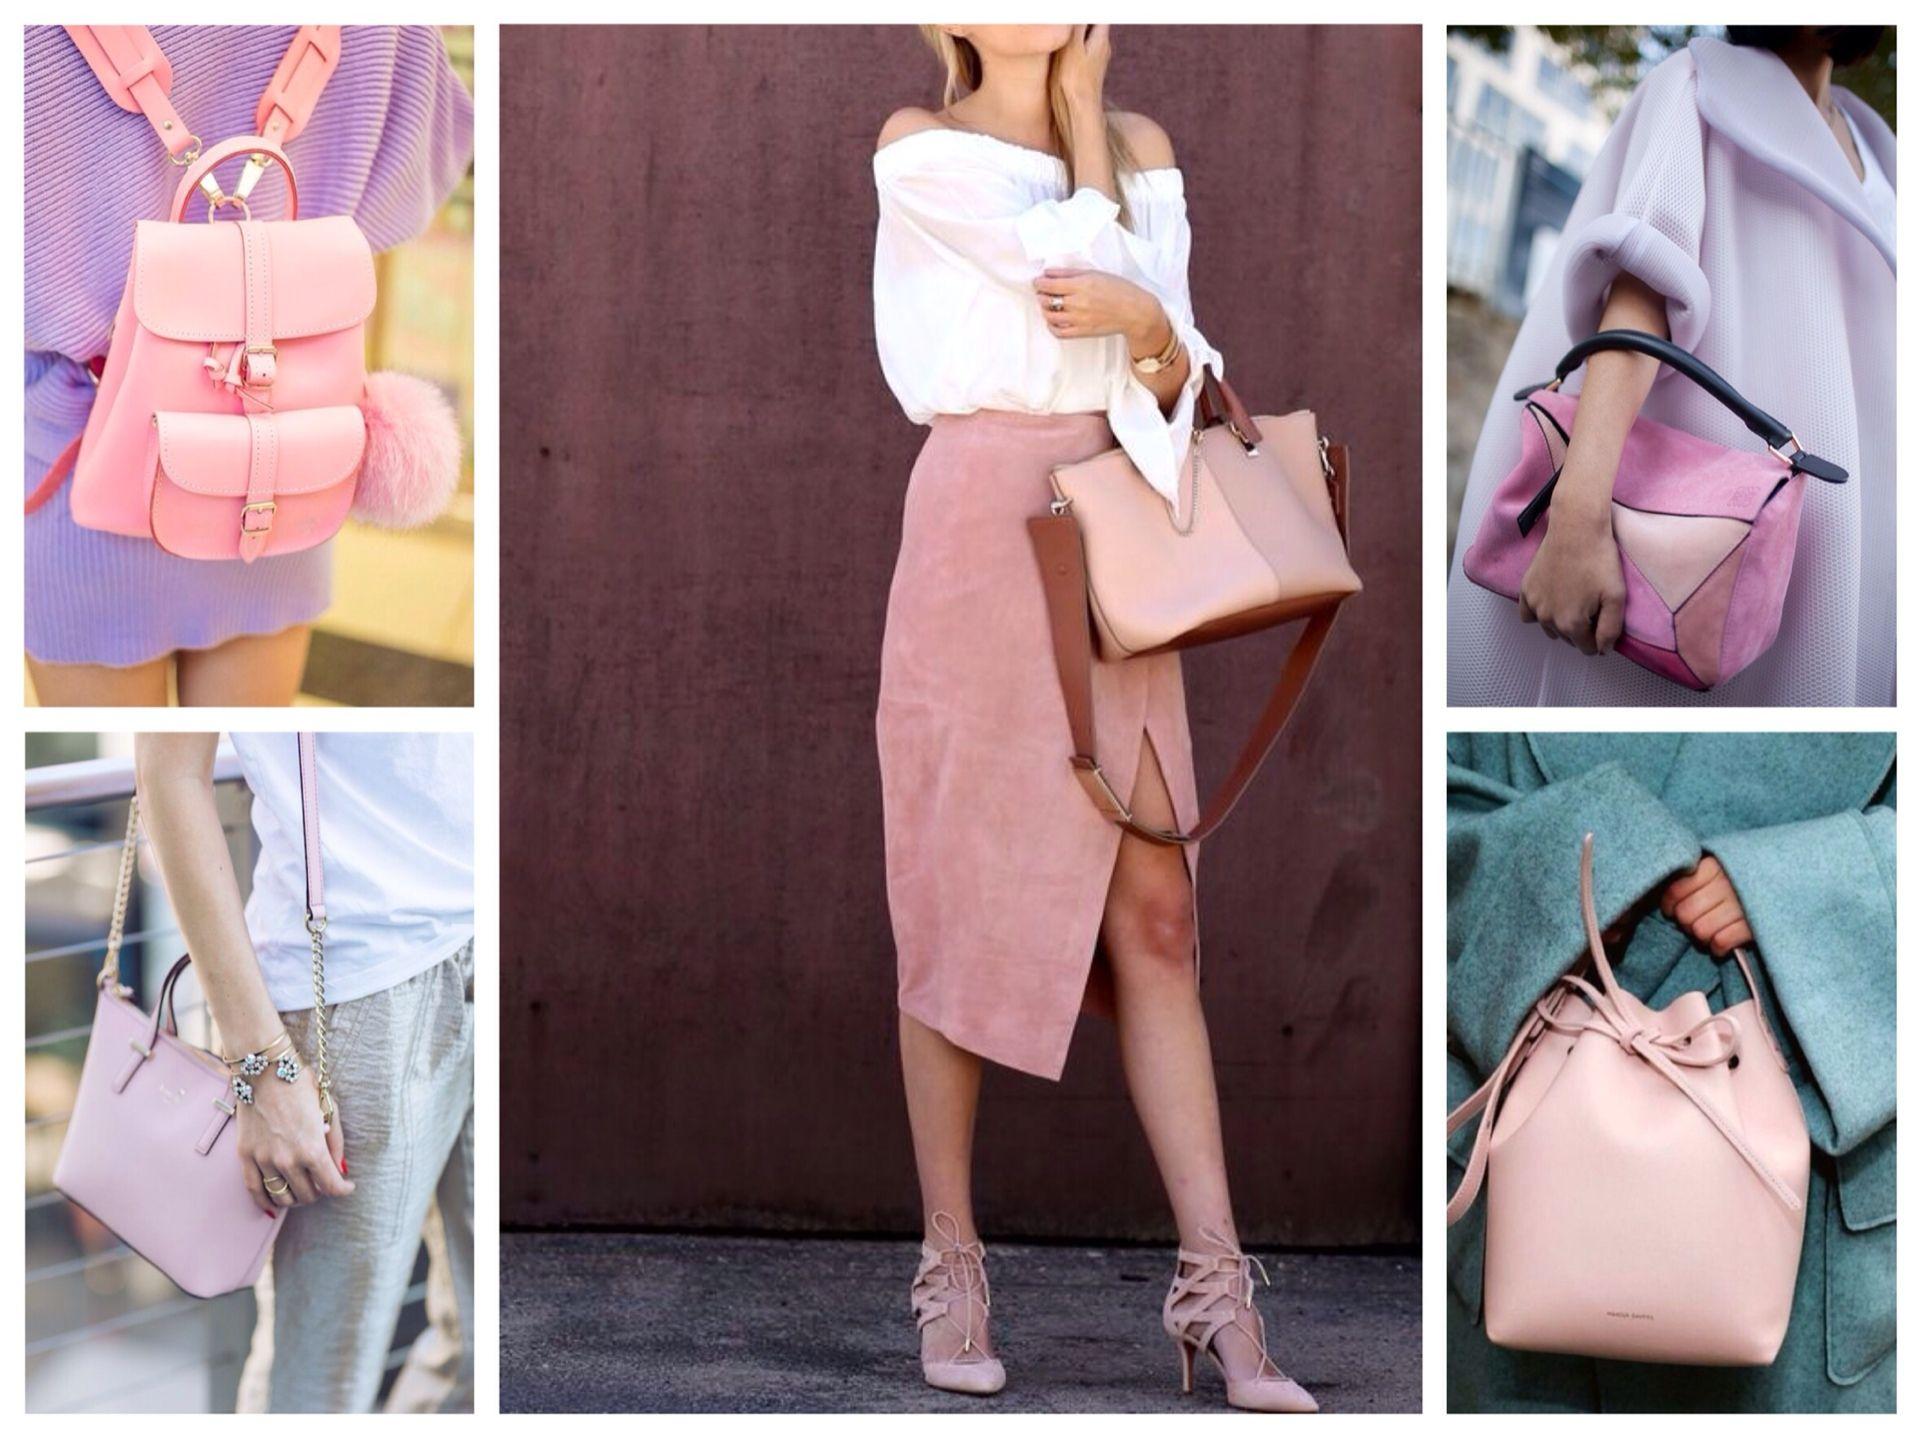 Разные модели розовых сумок